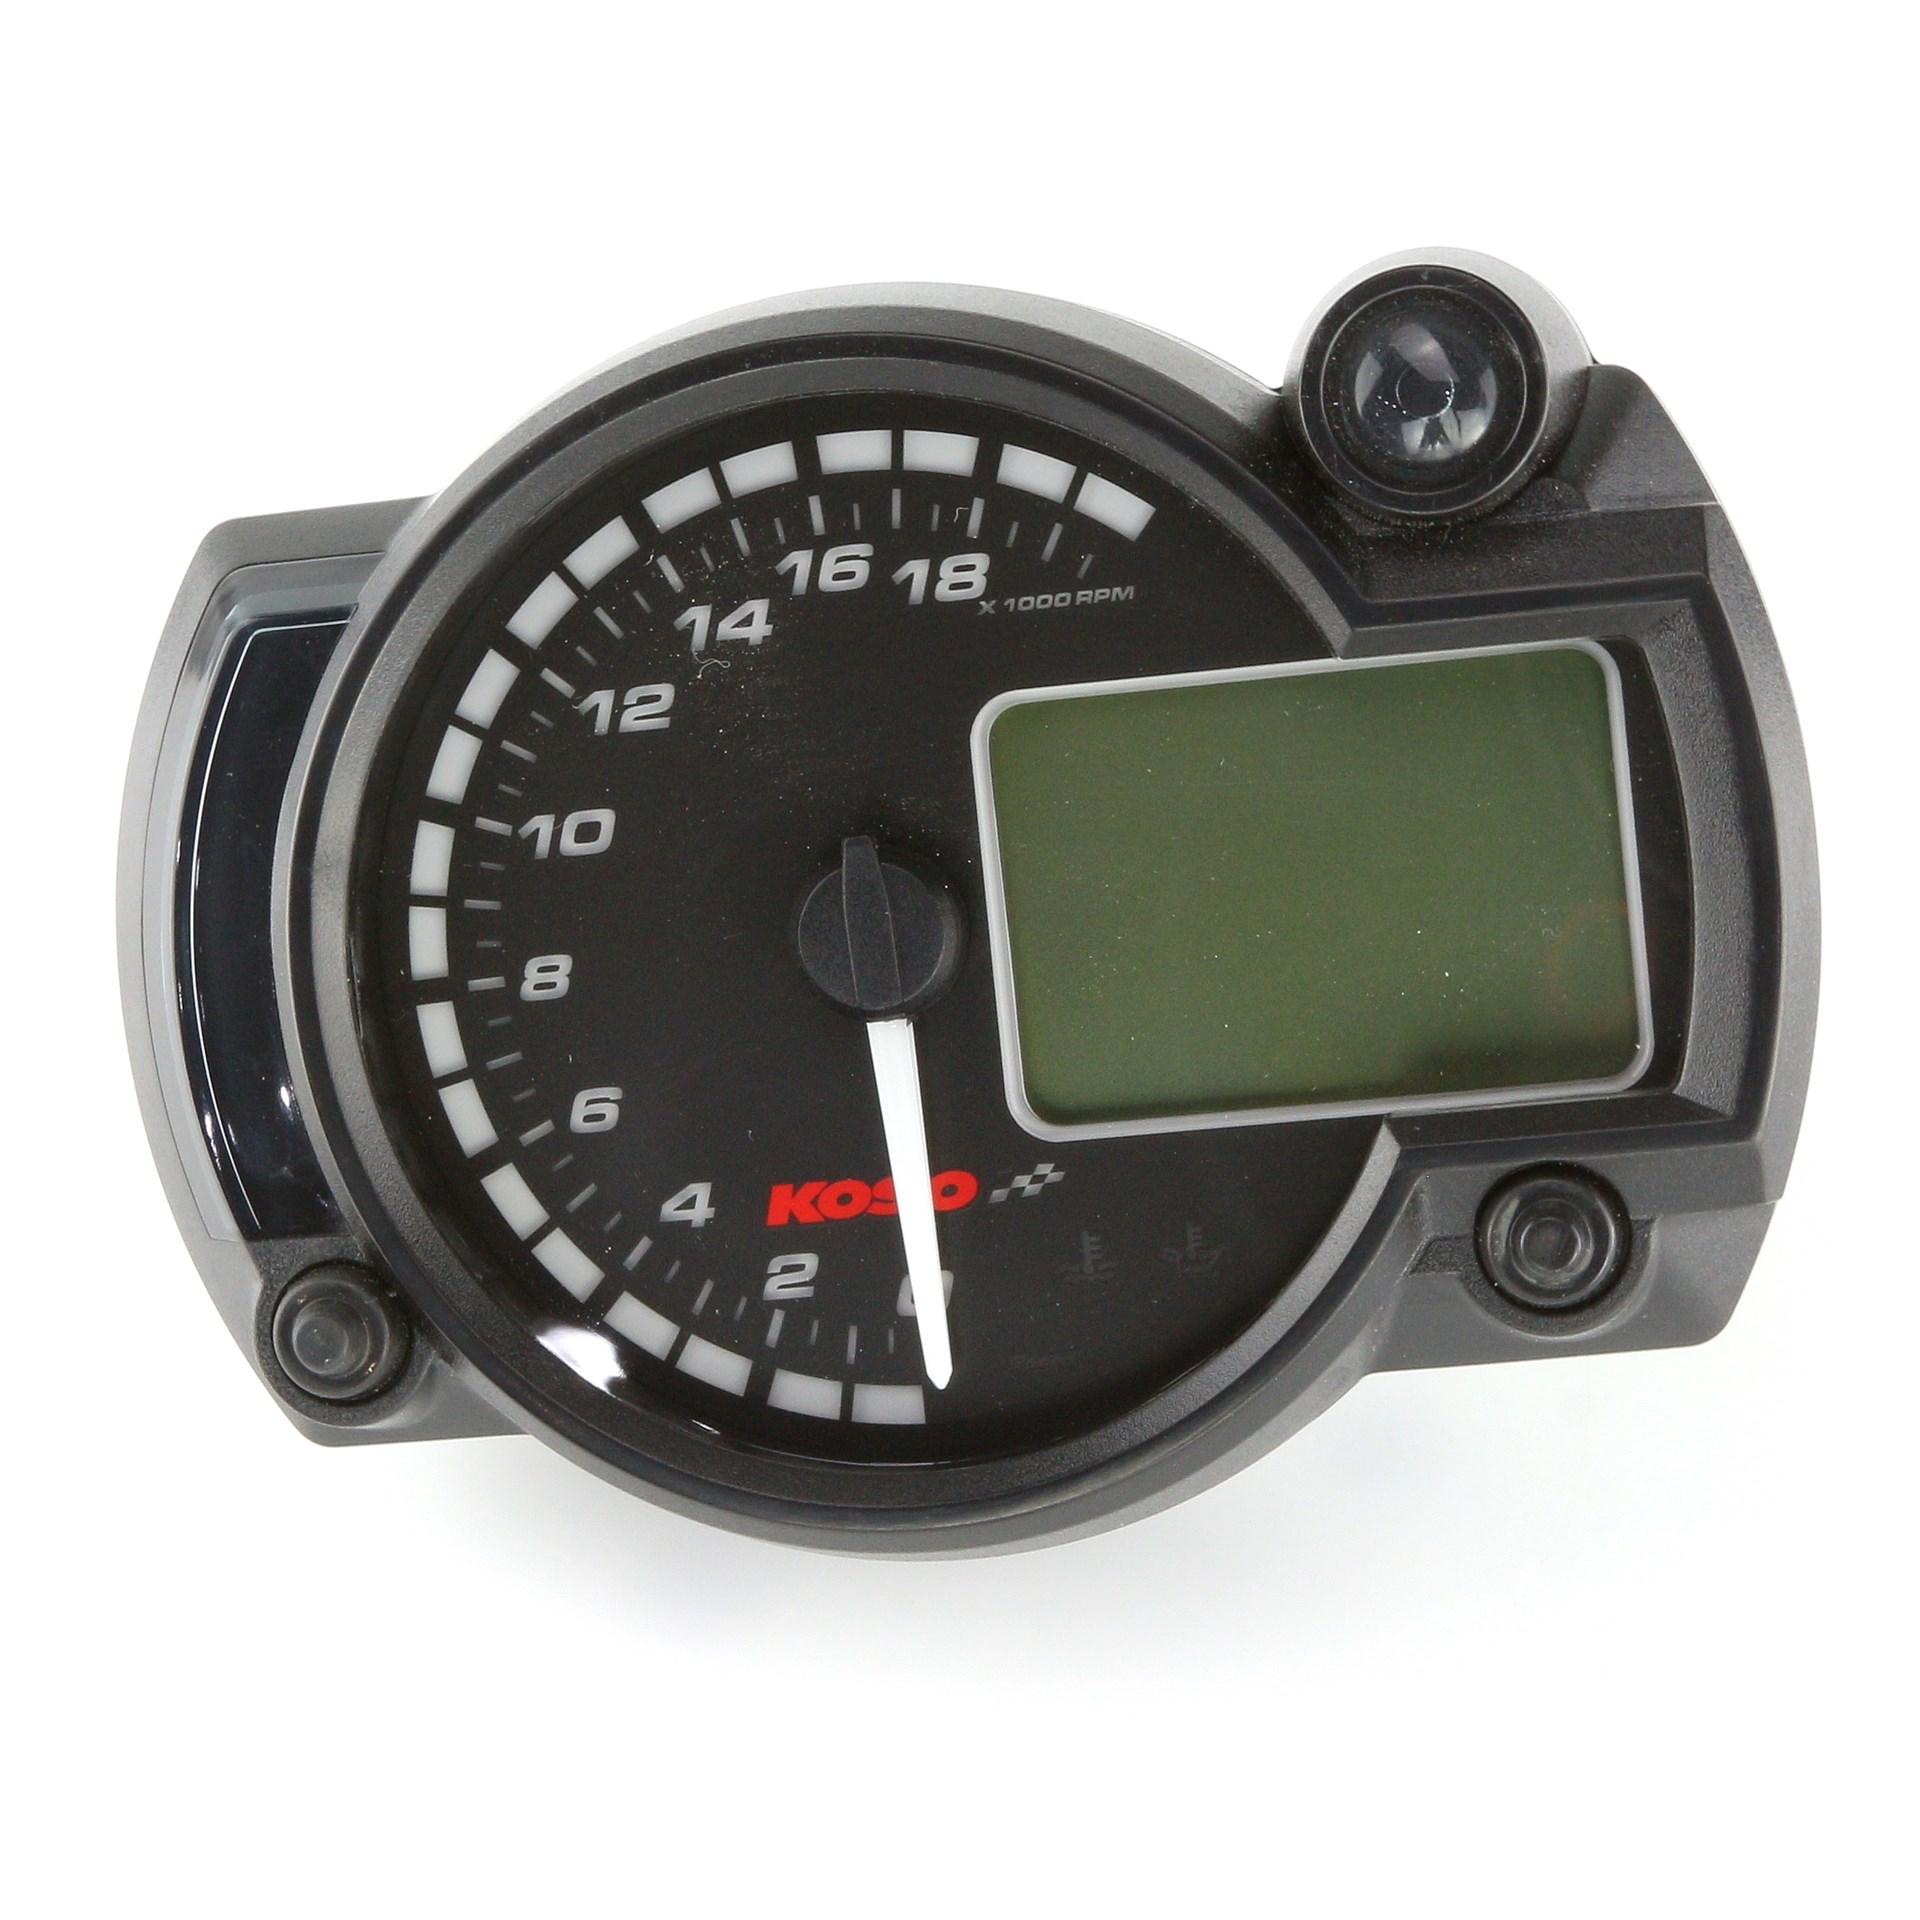 1 Stück Edelstahl Tankanzeige 12 V Motorrad LCD Multifunktions-Tacho